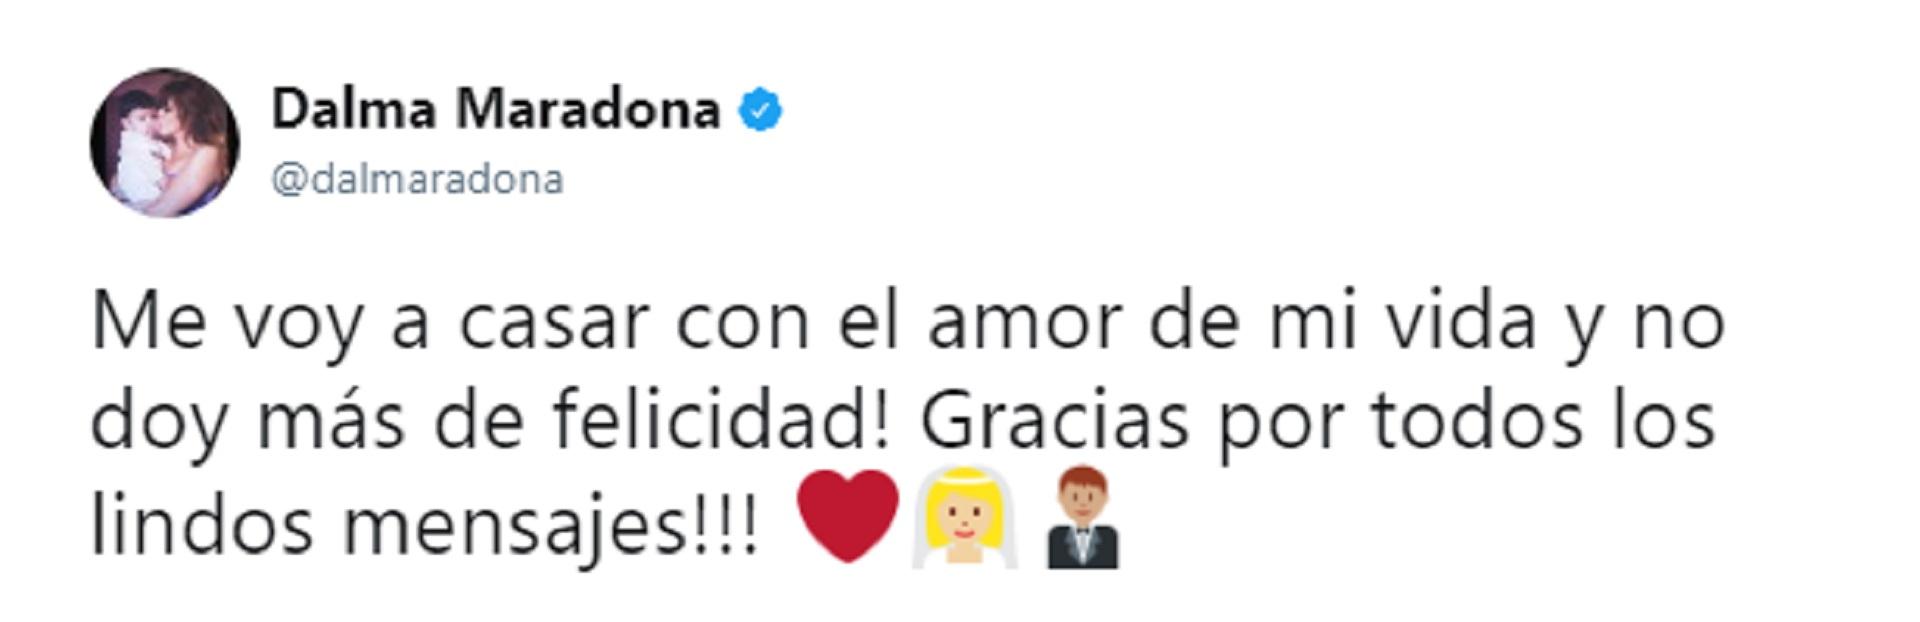 La actriz manifestó su felicidad a través de las redes sociales